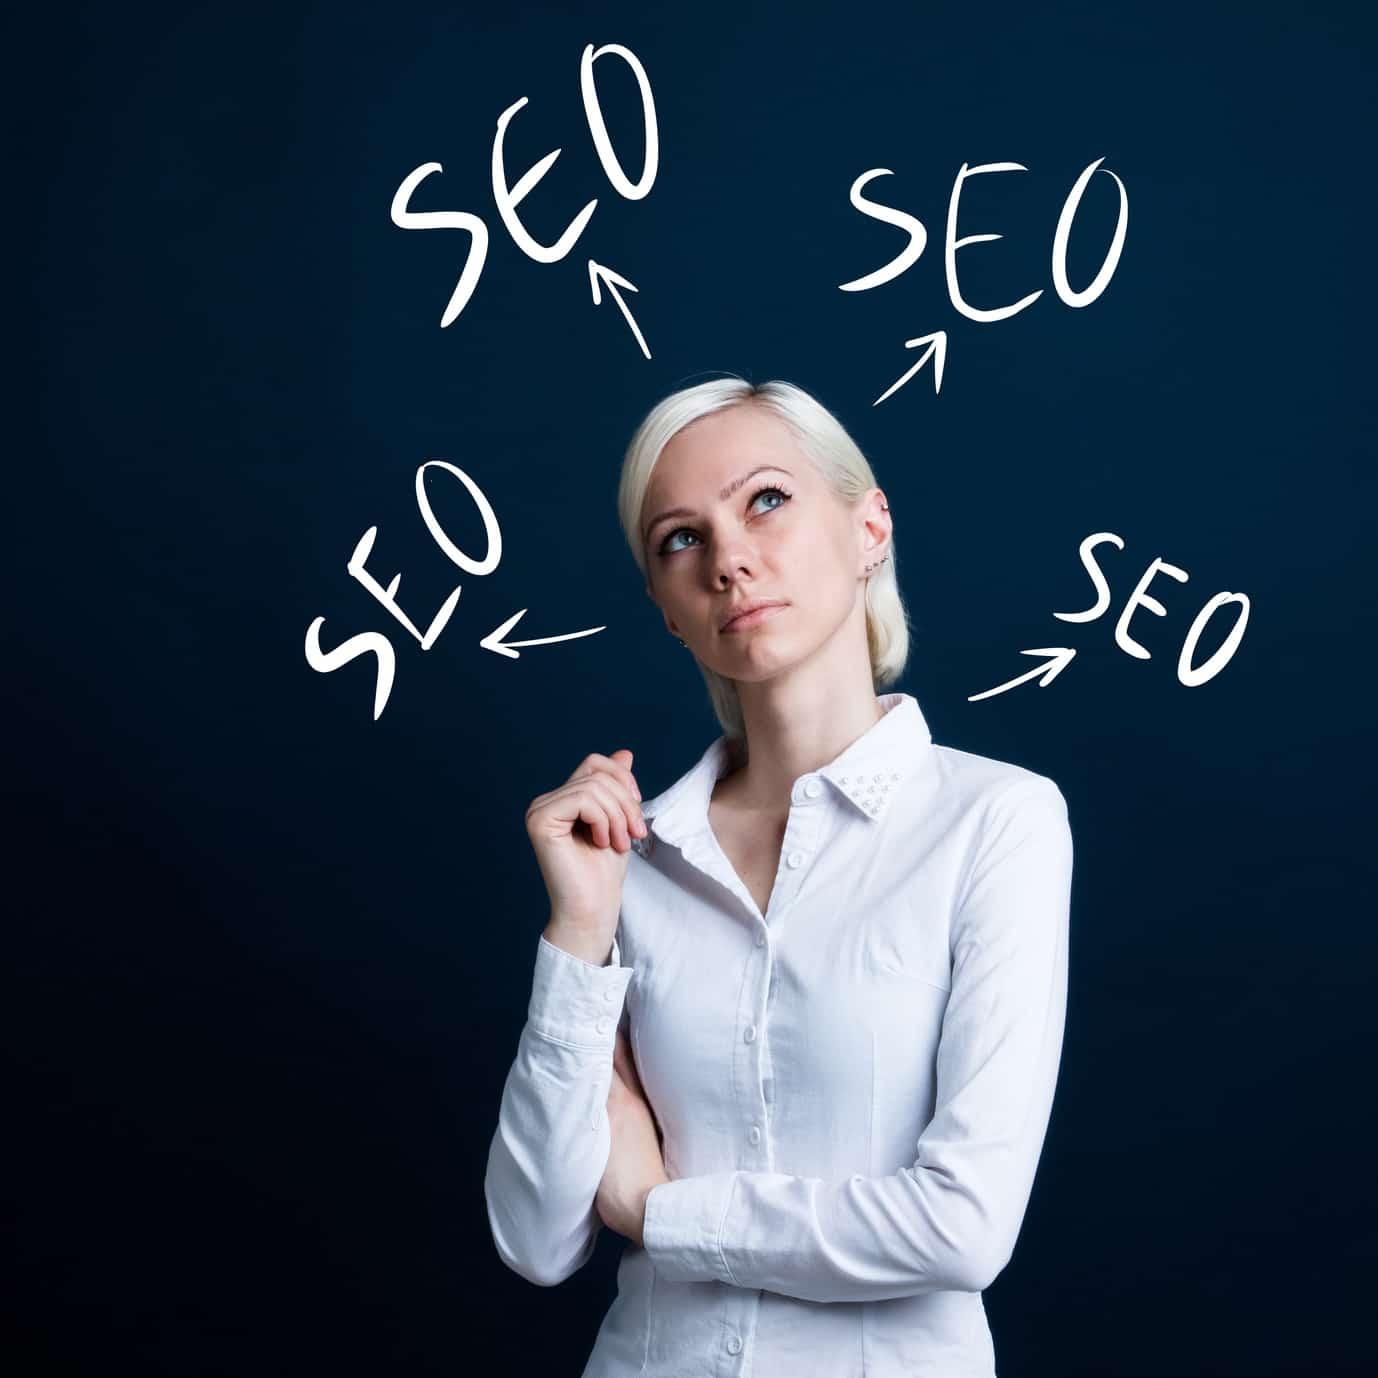 seo for entrepreneurs